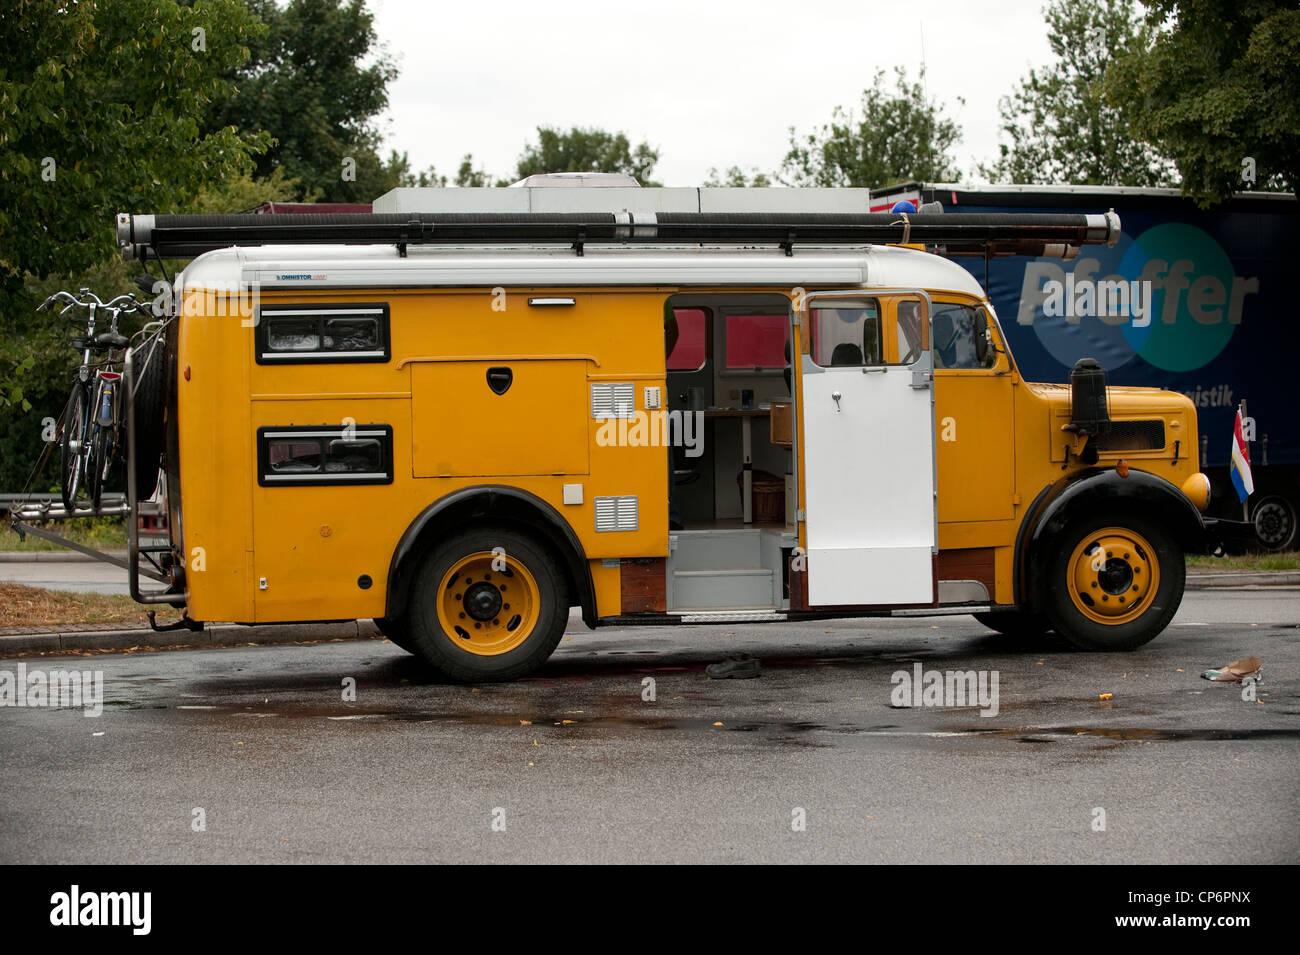 Old Fire Truck Converted to Camper Van Magirus-Deutz S 3500